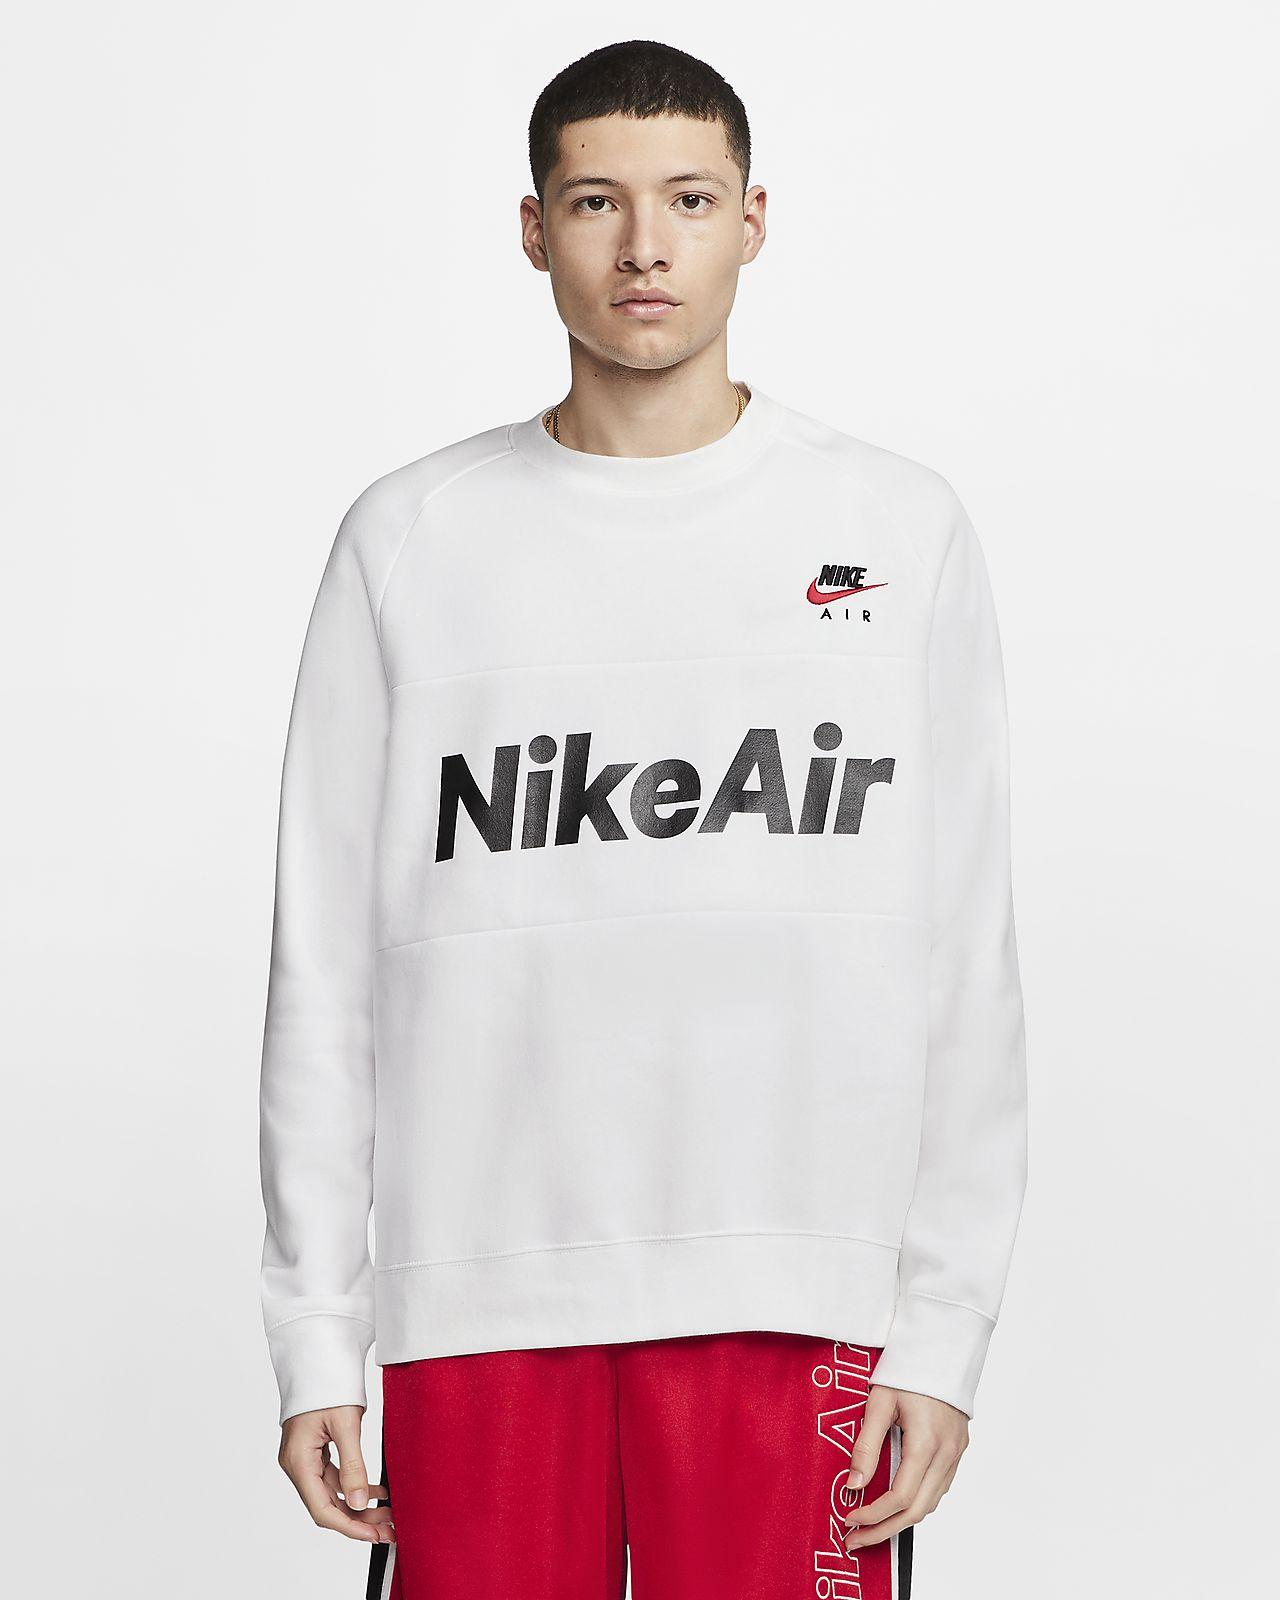 Pánská flísová mikina Nike Air s kulatým výstřihem